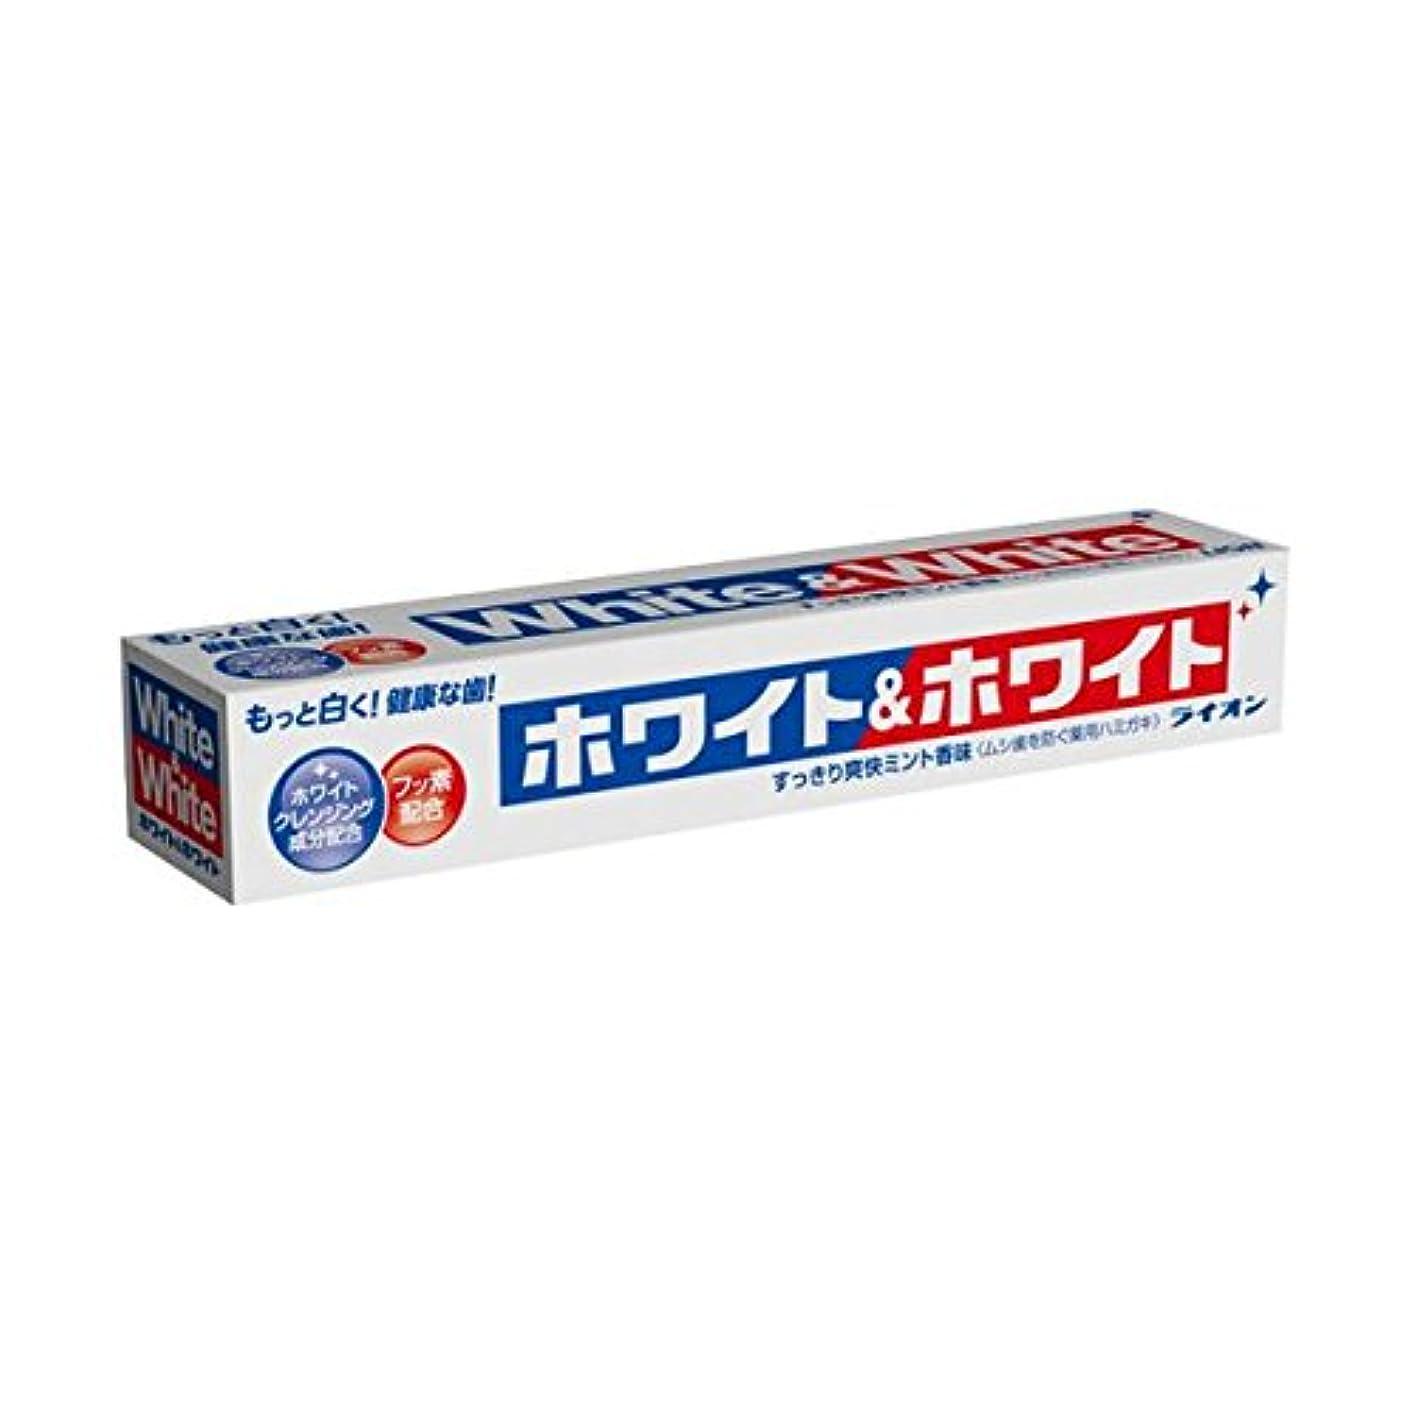 失業努力する食べるホワイト&ホワイト 150g ×10個セット